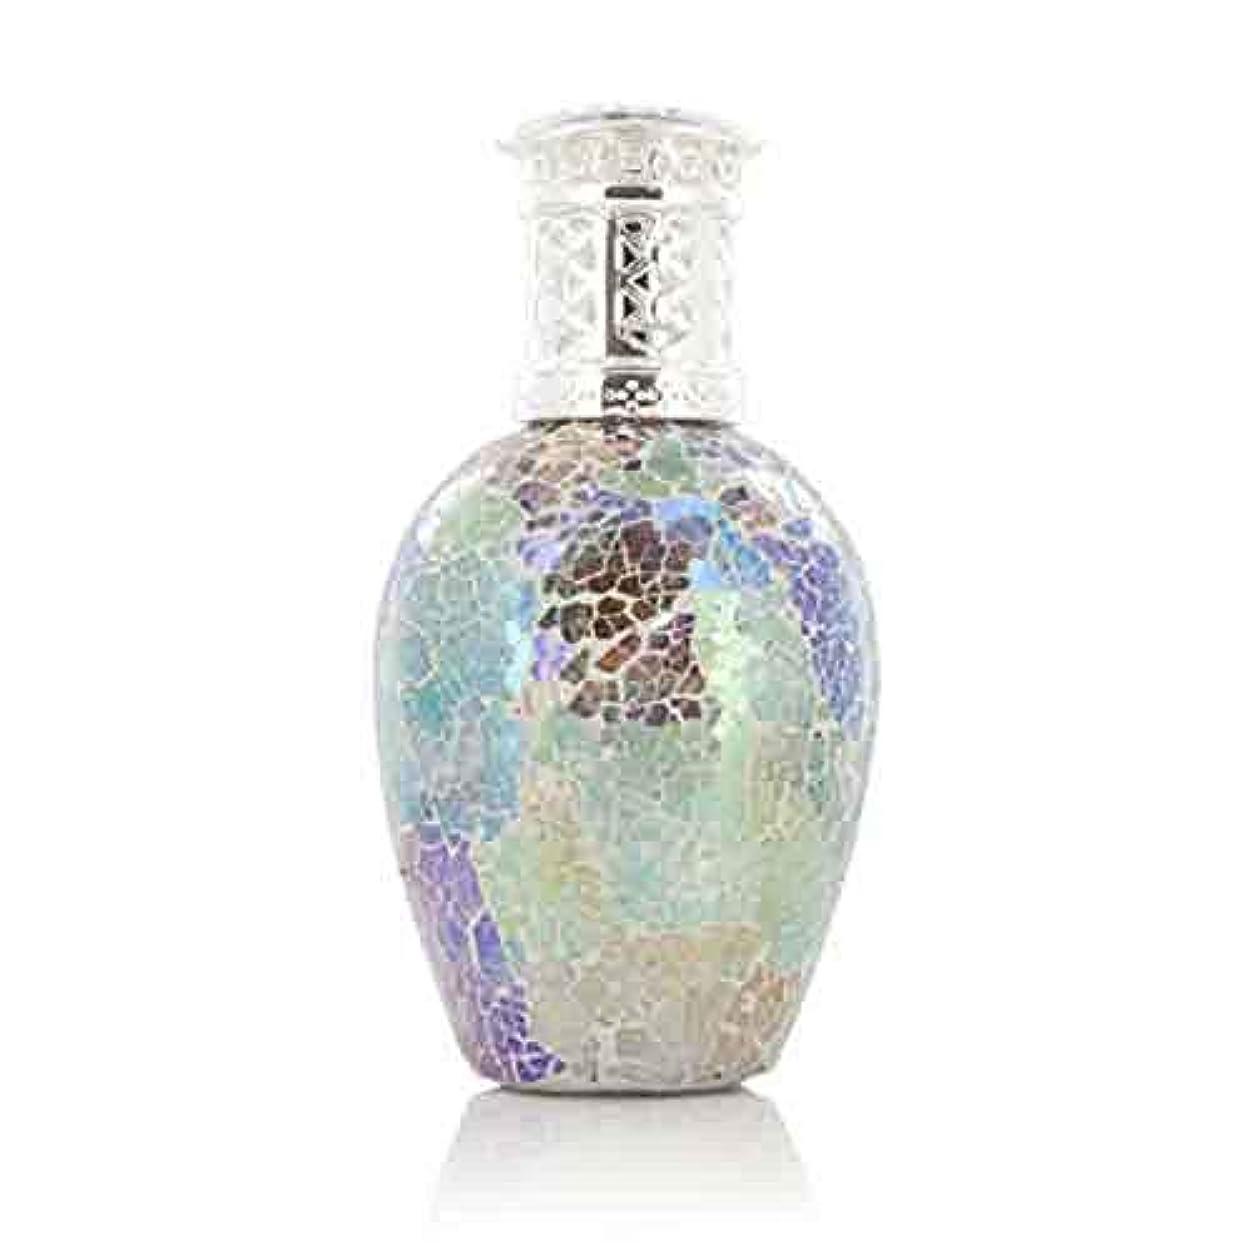 銀河領収書地元Ashleigh&Burwood フレグランスランプ L フェアリーダスト FragranceLamps FairyDust アシュレイ&バーウッド